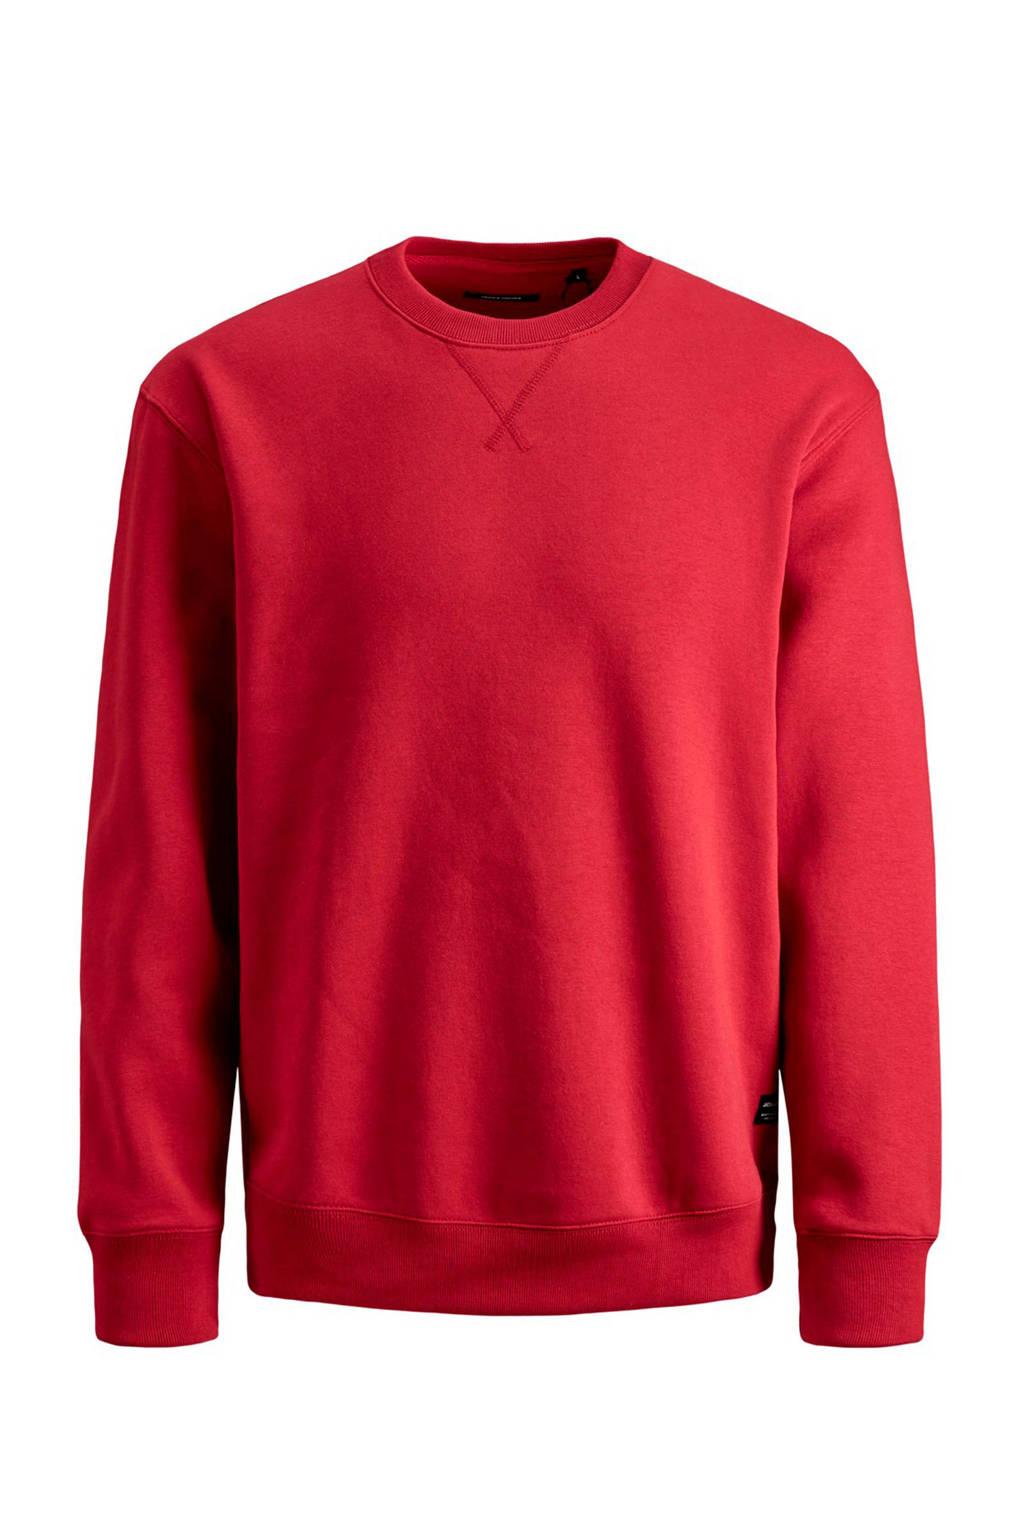 JACK & JONES JUNIOR sweater Soft rood, Rood